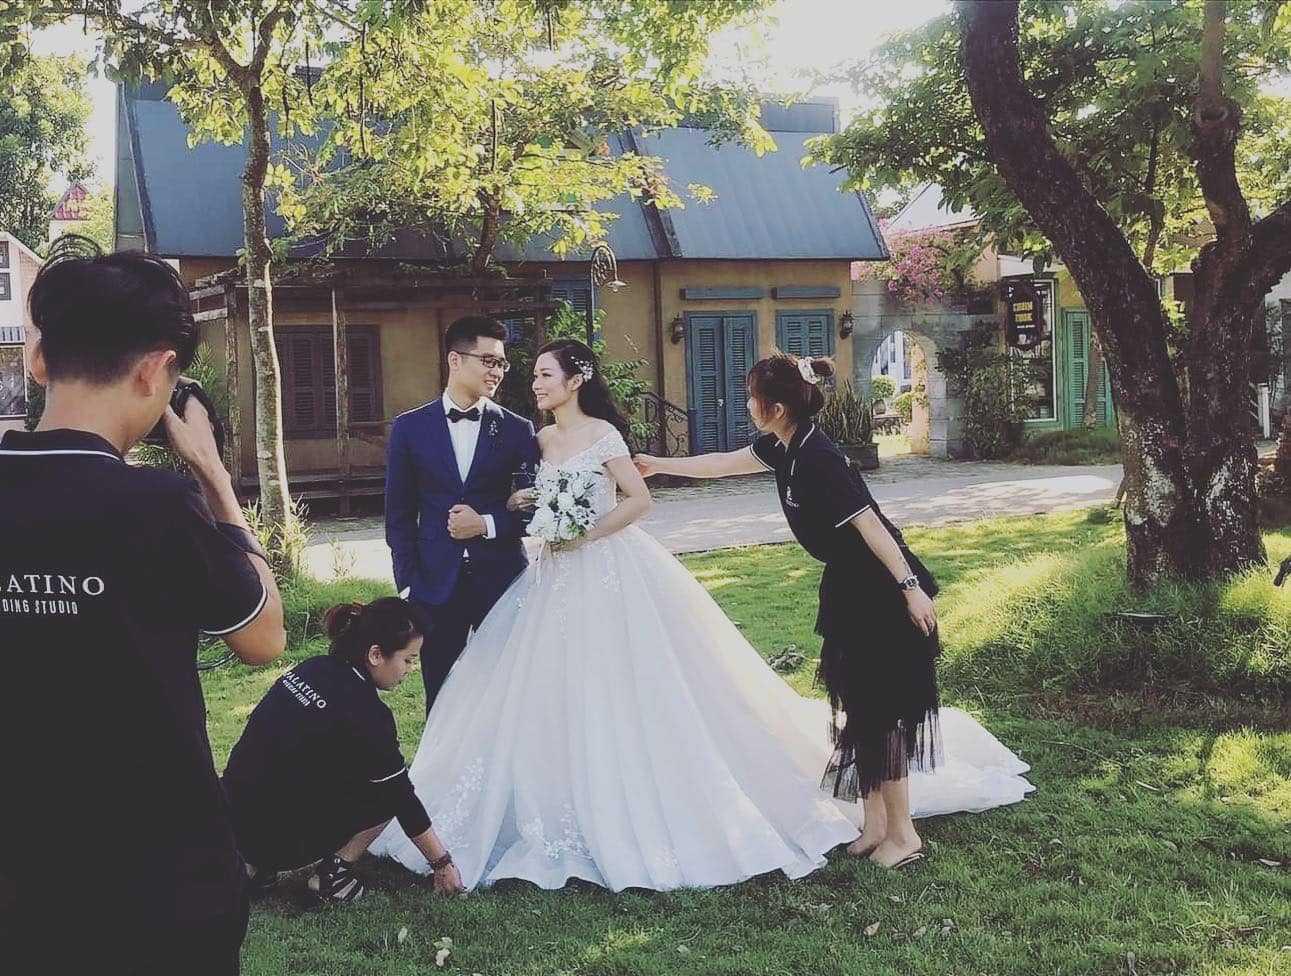 [KINH NGHIỆM] Cần chuẩn bị gì trước khi chụp ảnh cưới?